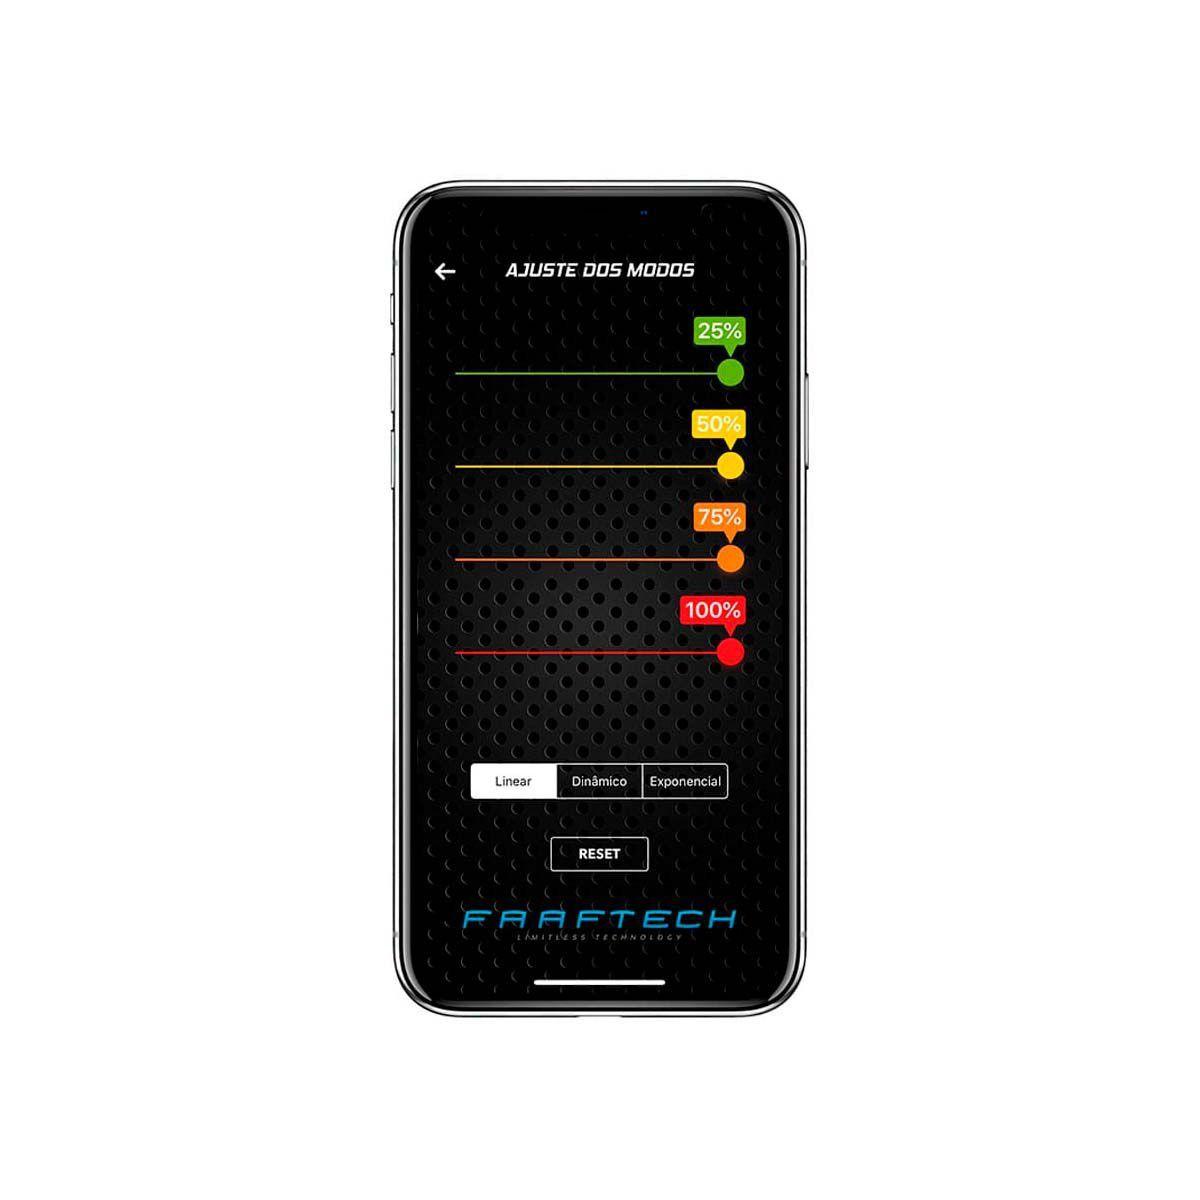 Shift Power Novo 4.0+ para Ford Dodge Jeep e Land Rover Chip Acelerador Plug Play Bluetooth Faaftech FT-SP04+